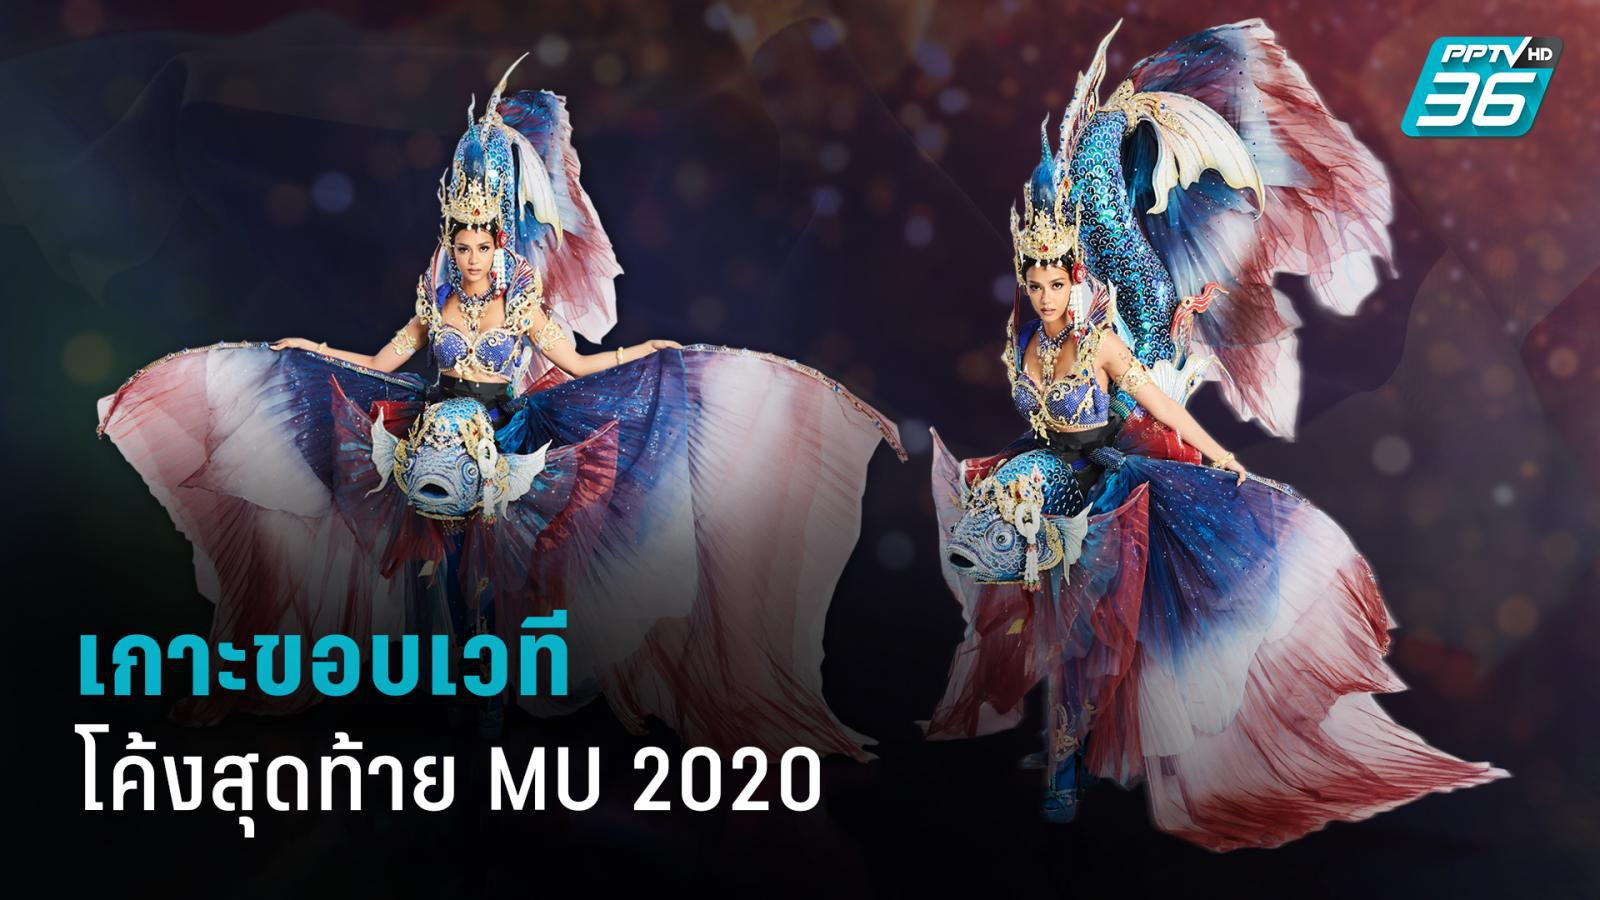 โค้งสุดท้าย! การประกวดนางงามจักรวาล Miss Universe 2020 ครั้งที่ 69 ชมบรรยากาศการประกวดรอบชุดประจำชาติ